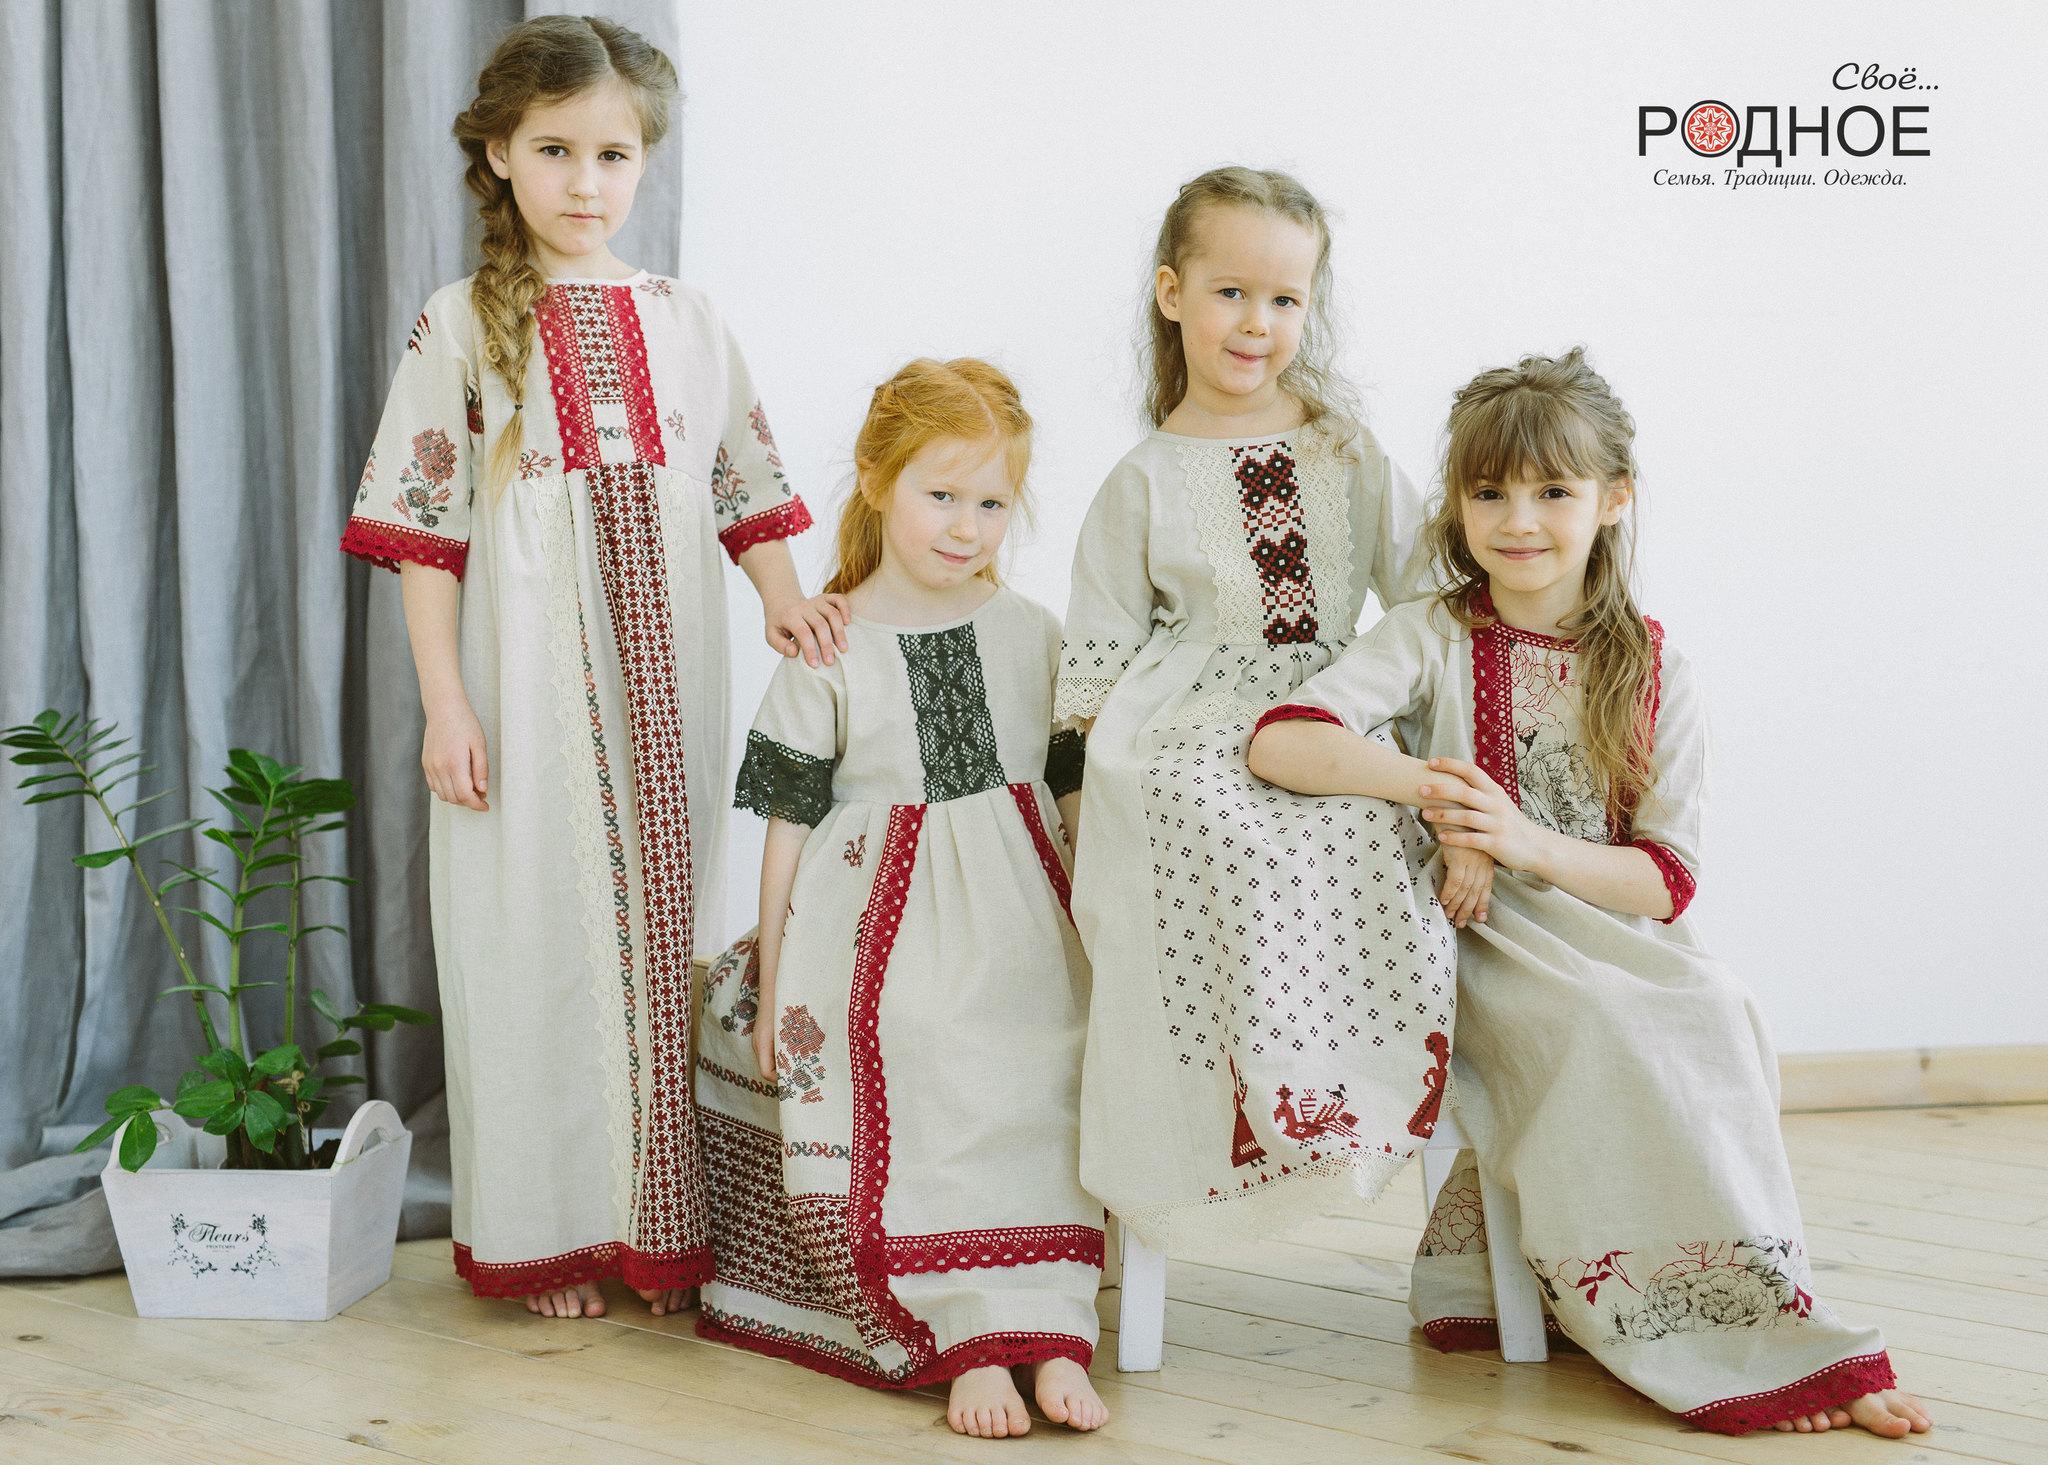 славянское платье купить можно в Москве Свое... Родное для Иванка